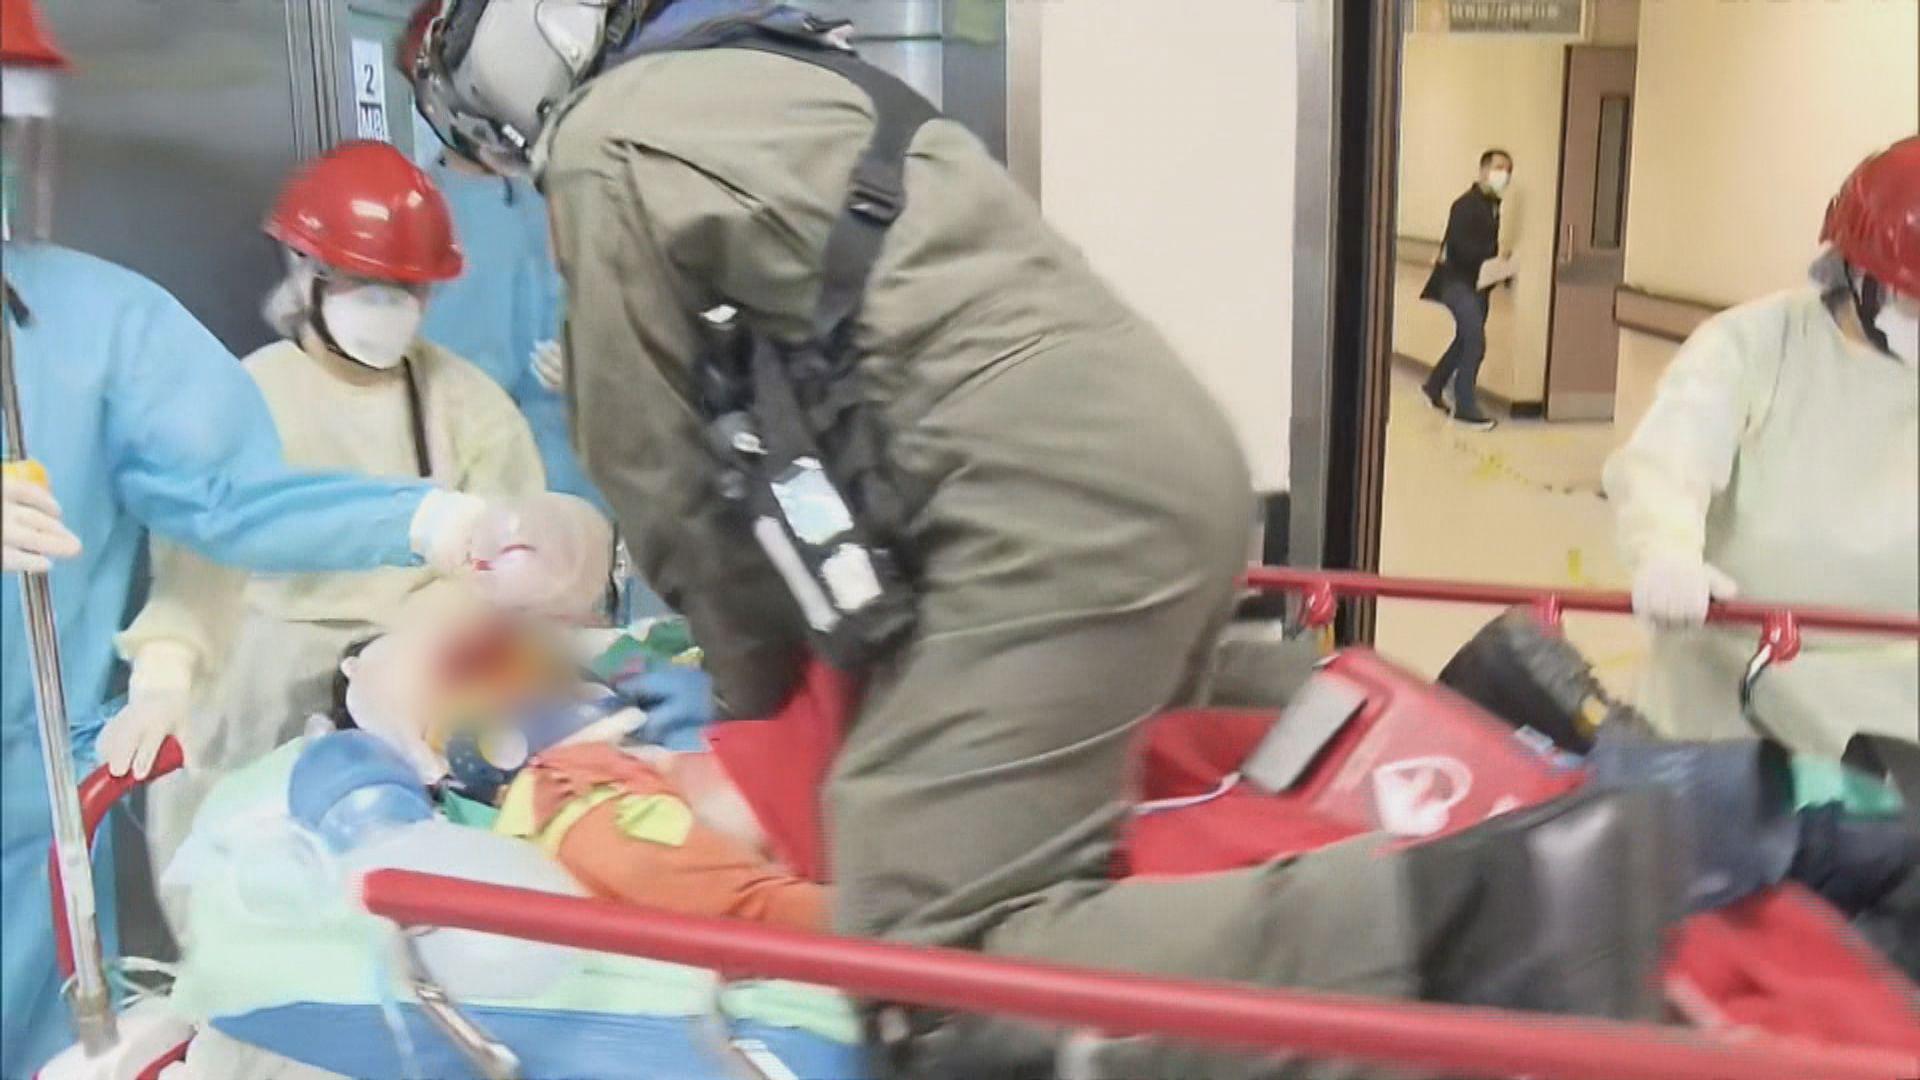 沙頭角女子行石澗滑倒昏迷 直升機送院